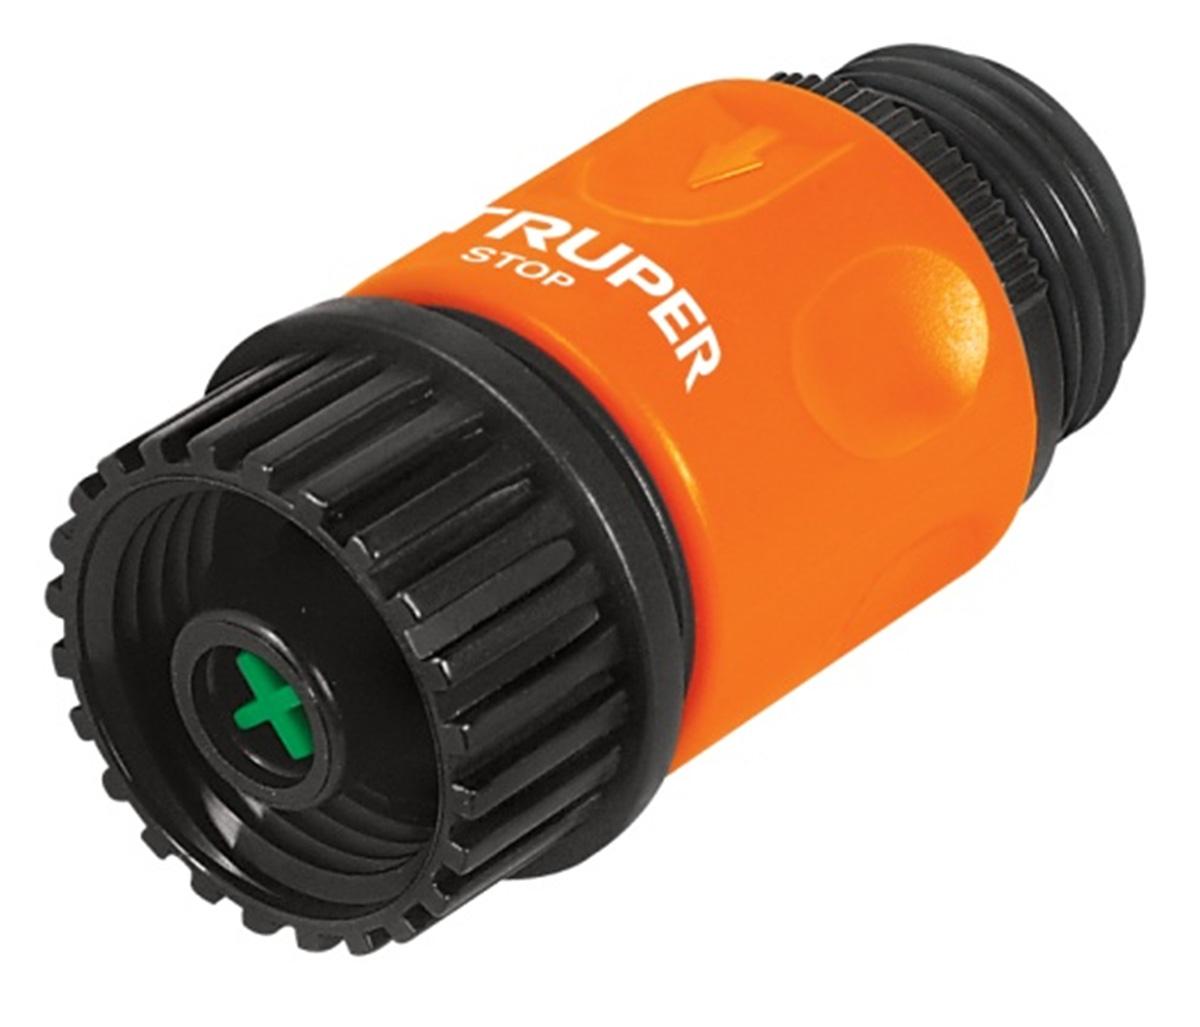 Коннектор для шланга Truper, быстрозащелкивающийся, аквастоп, 3/4RC-100BPCШланговый коннектор Truper, выполненный из пластика, предназначен для быстрого и многократного присоединения и отсоединения шланга к насадкам или крану. Оснащен удобной муфтой для лучшего соединений. Аквастоп для безопасного разъединения насадок и шланга.